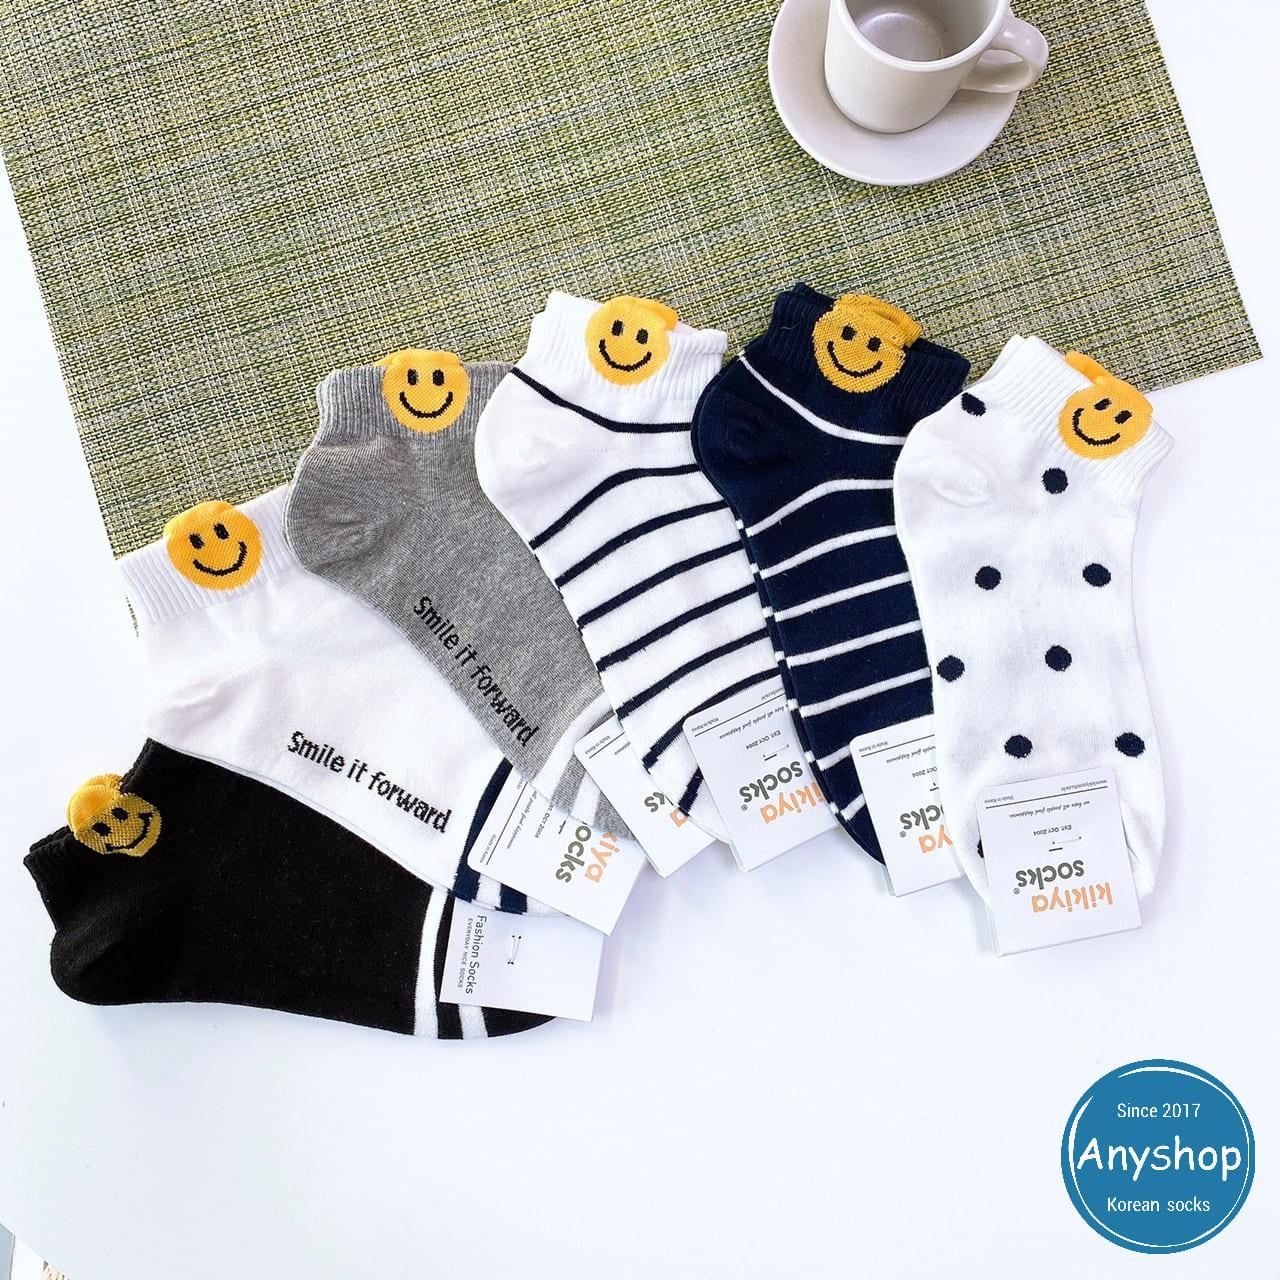 韓國襪-[Anyshop]笑臉條紋點點短襪